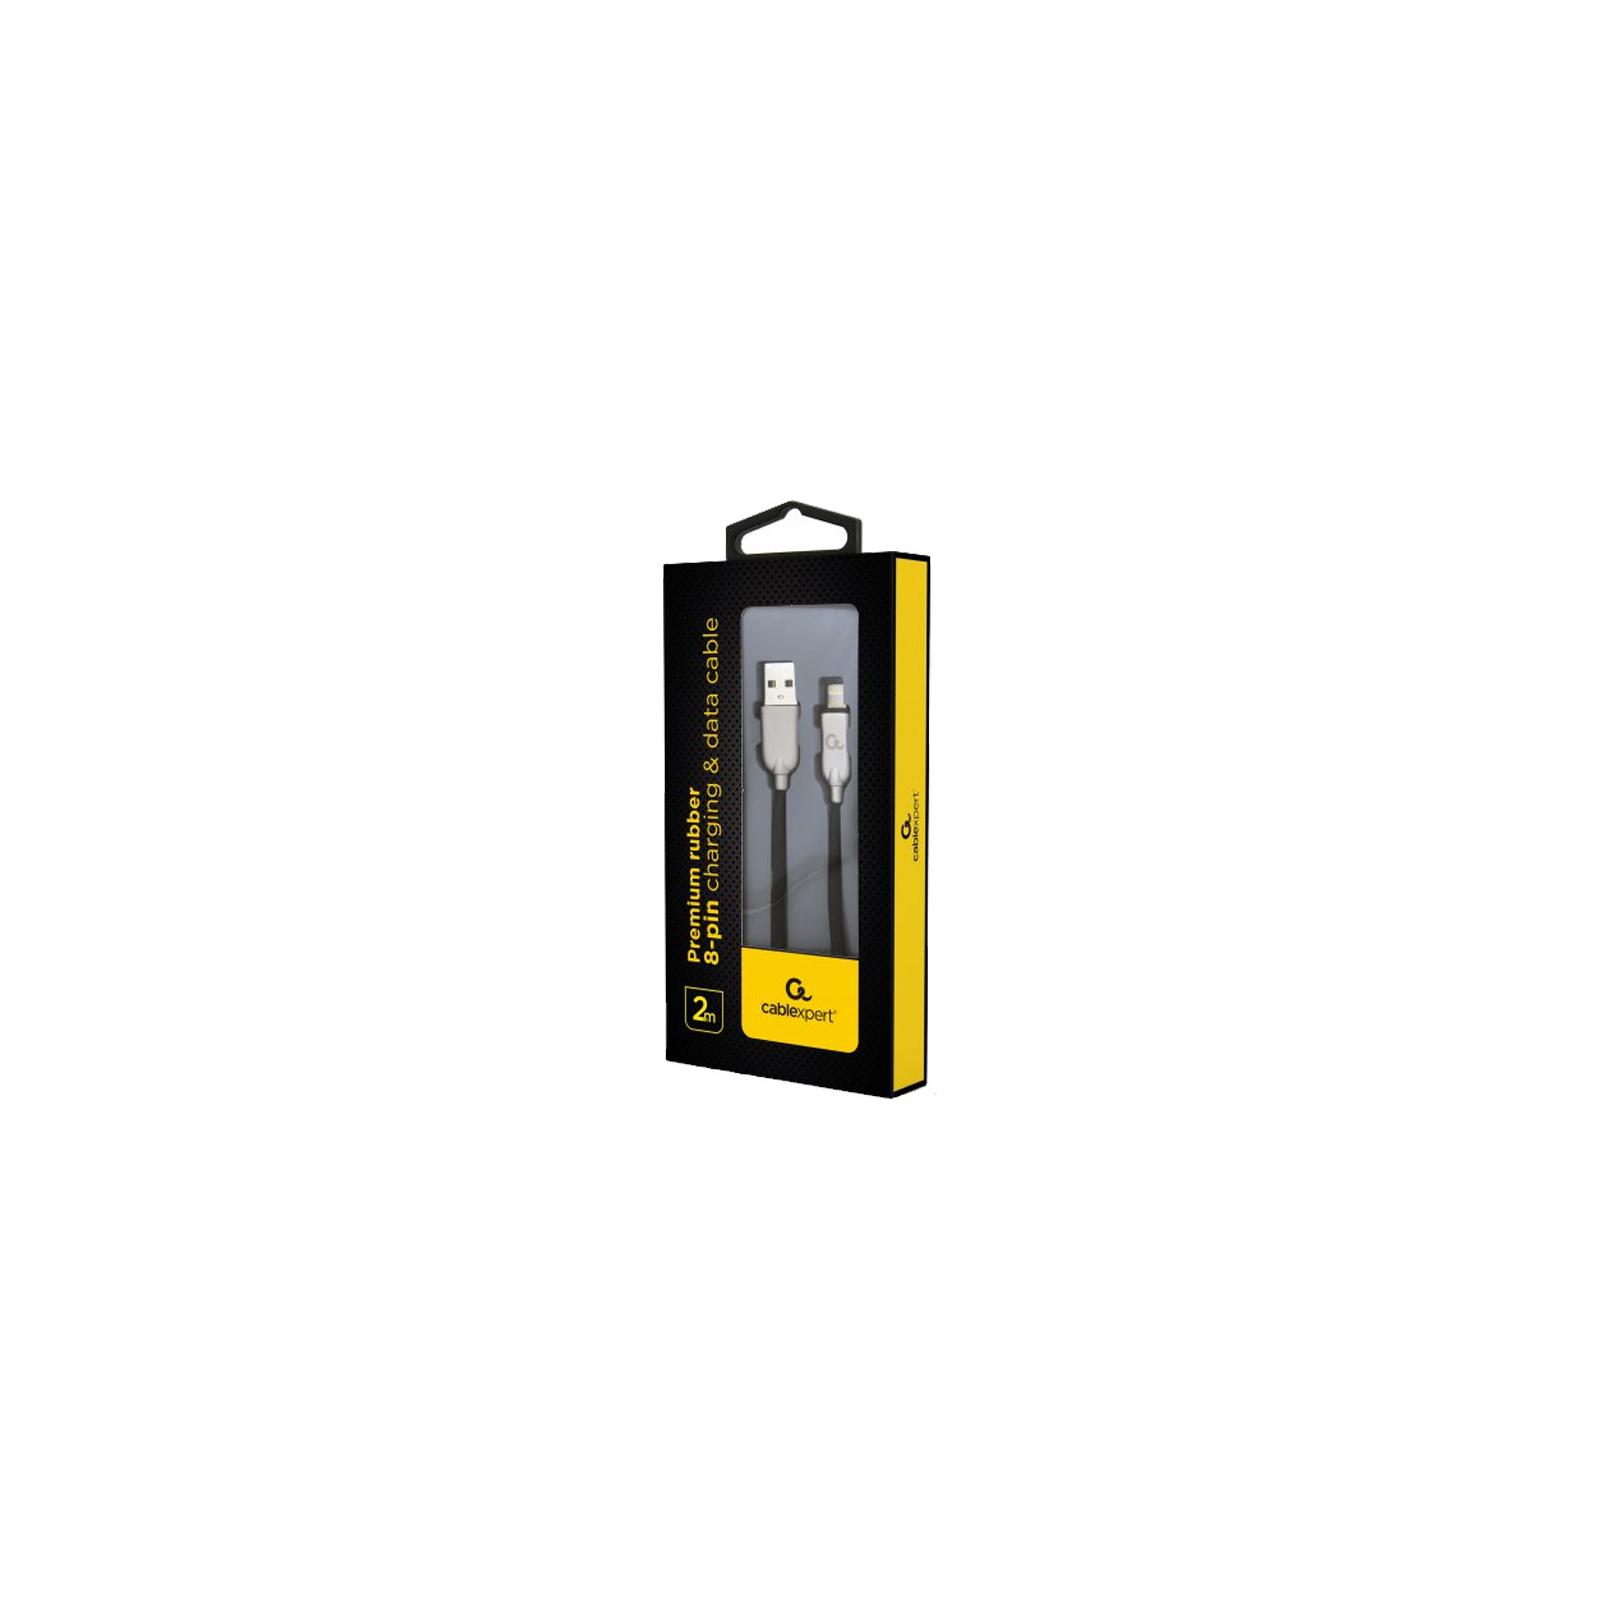 Дата кабель USB 2.0 AM to Lightning 2.0m Cablexpert (CC-USB2R-AMLM-2M-W) изображение 2